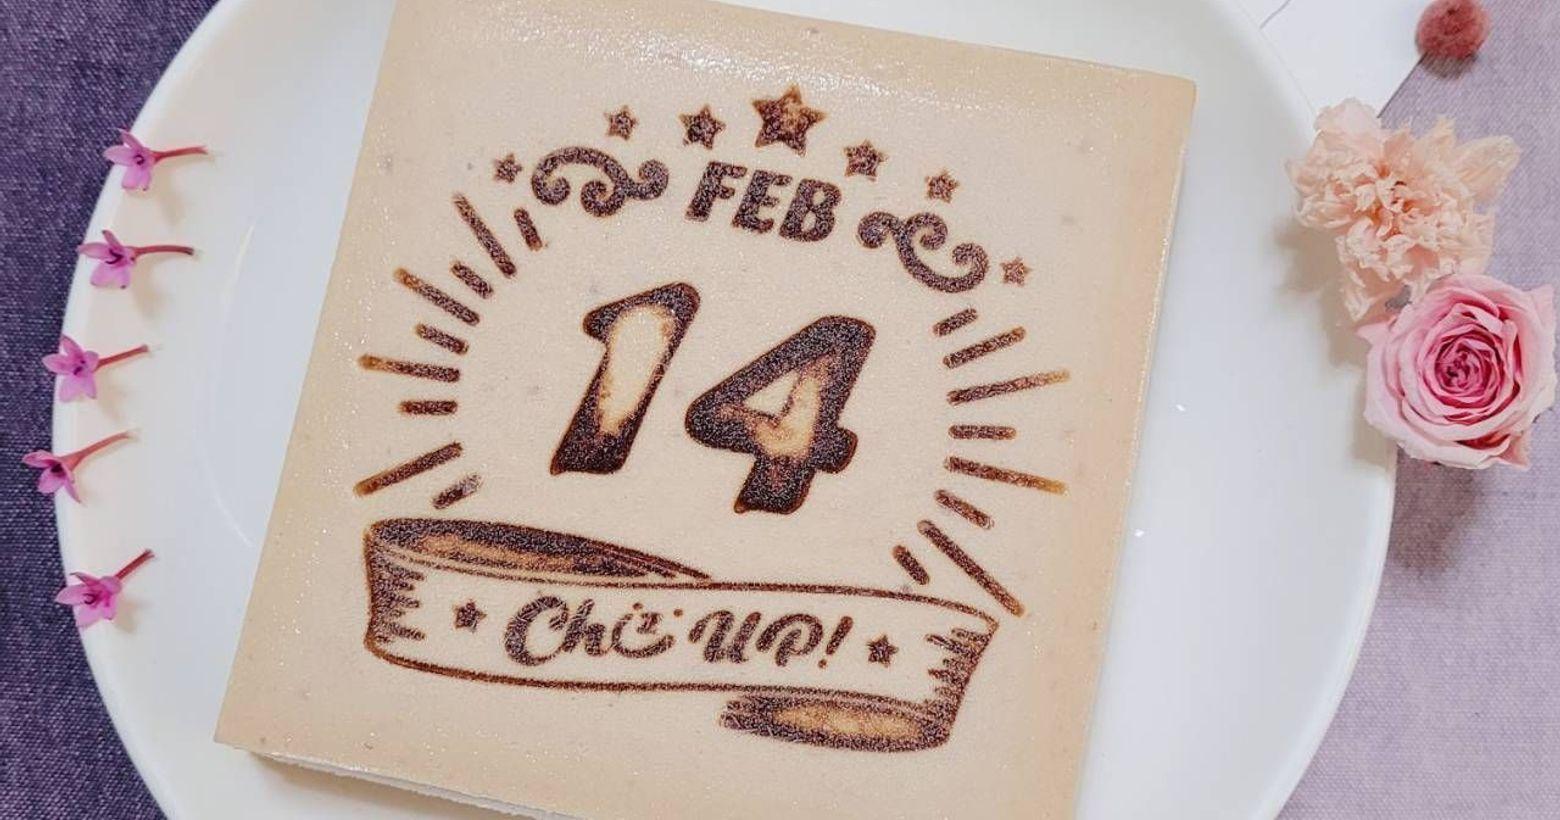 情人節ChizUP! 日曆蛋糕慶祝專屬節日更有意義!情人節終於收到情書了嗎⁉️並沒有……雖然很美但那